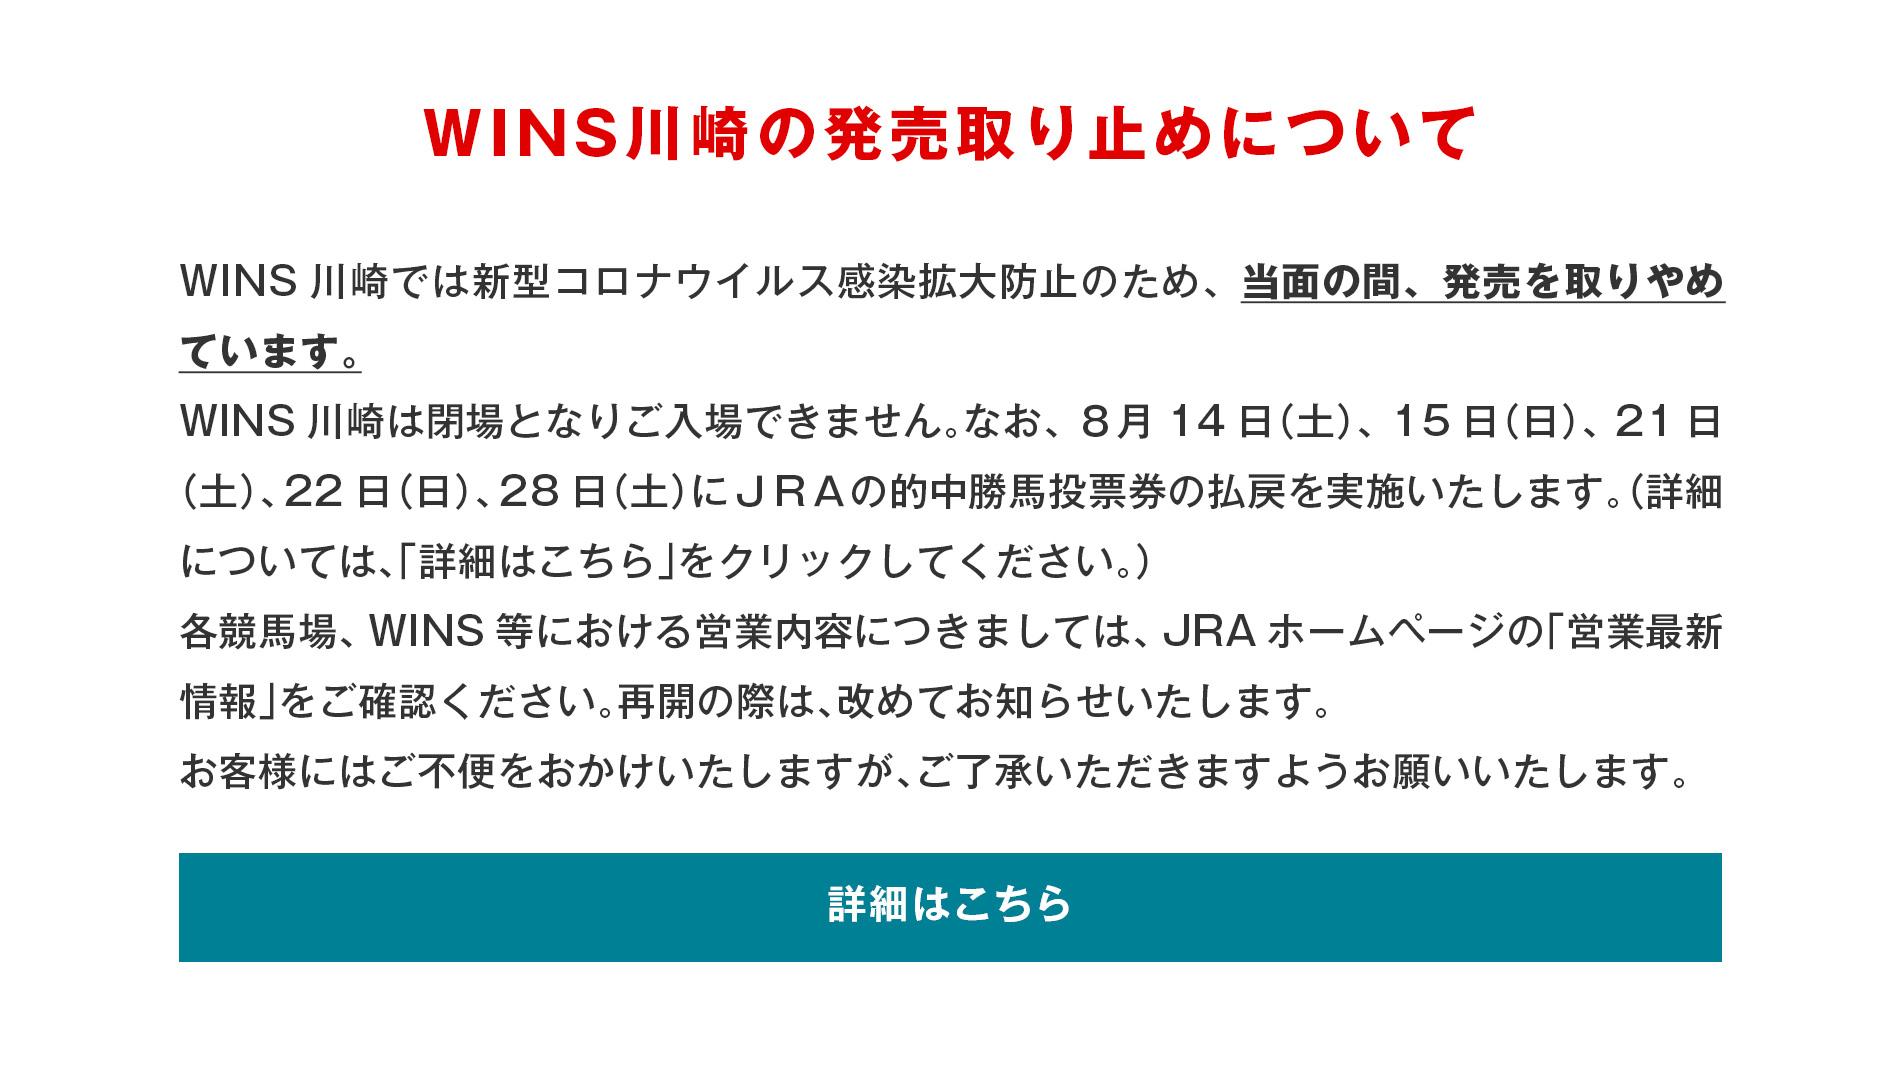 WINS川崎の発売取り止めについて